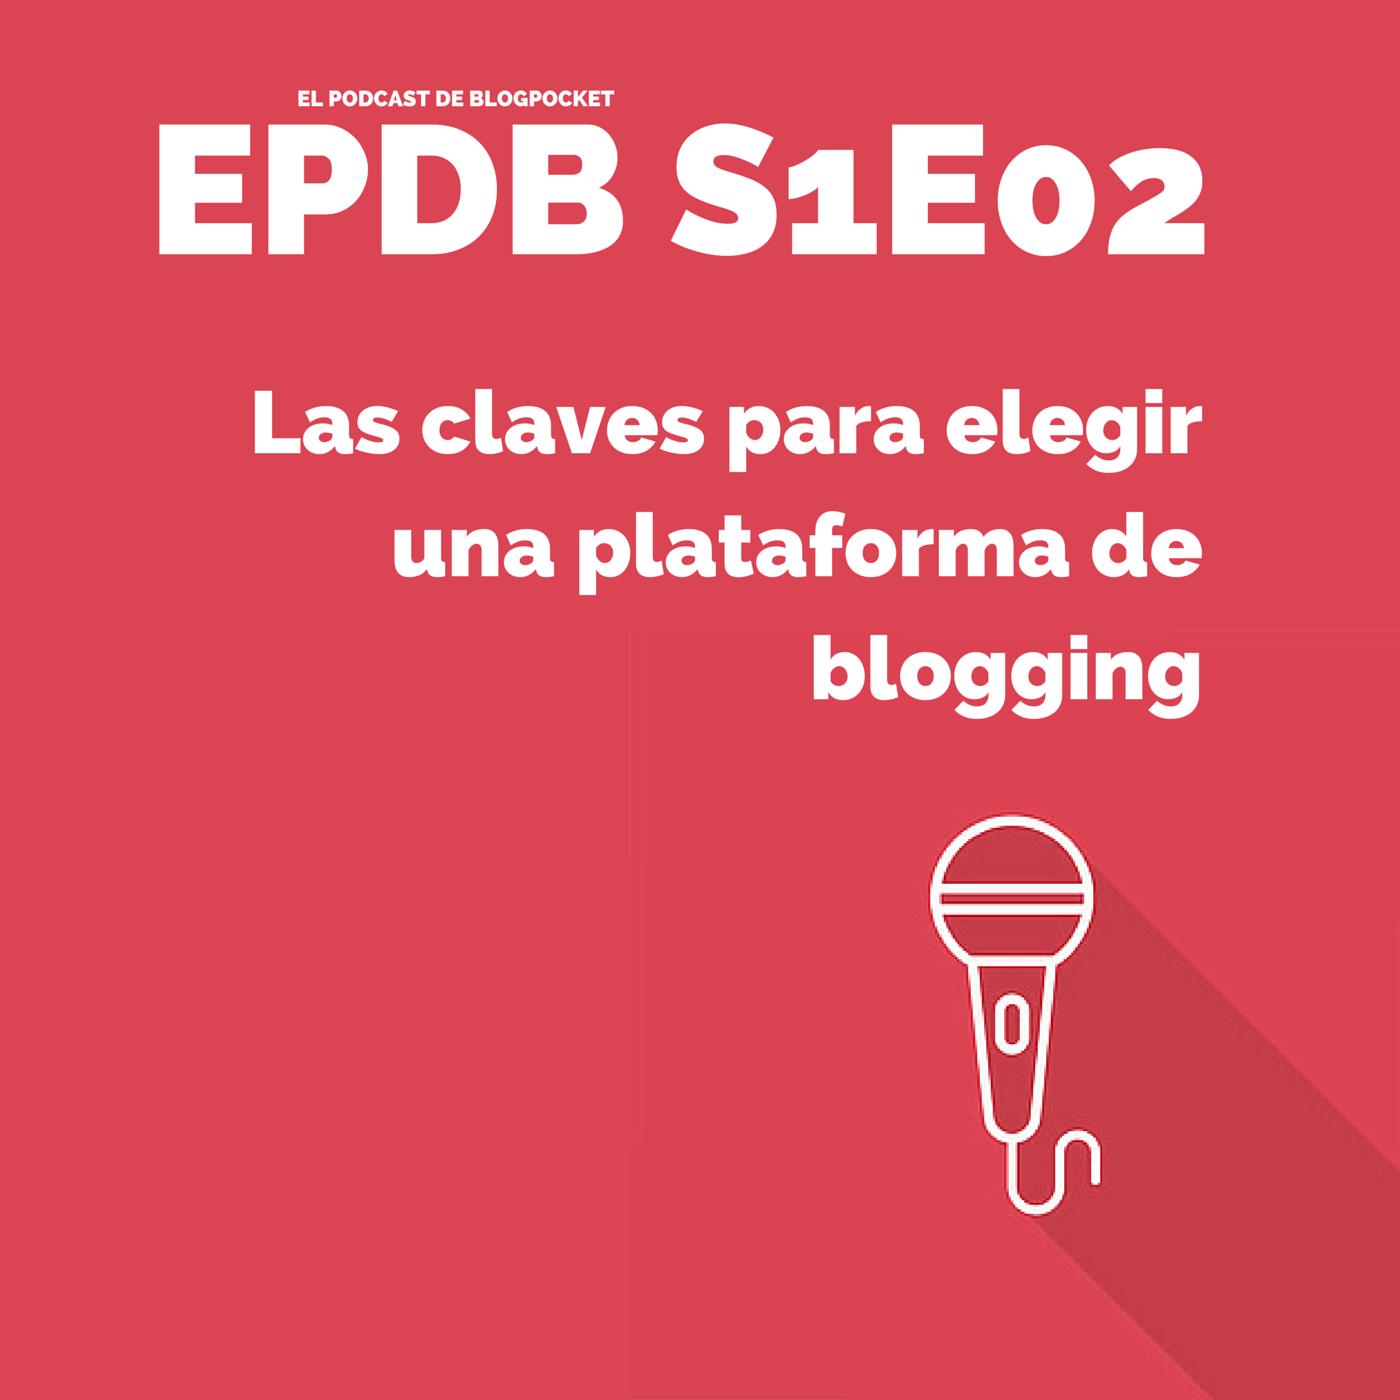 PODCAST-DE-BLOGPOCKET-S1E02 Las claves para elegir una plataforma de blogging [podcast S1E02]